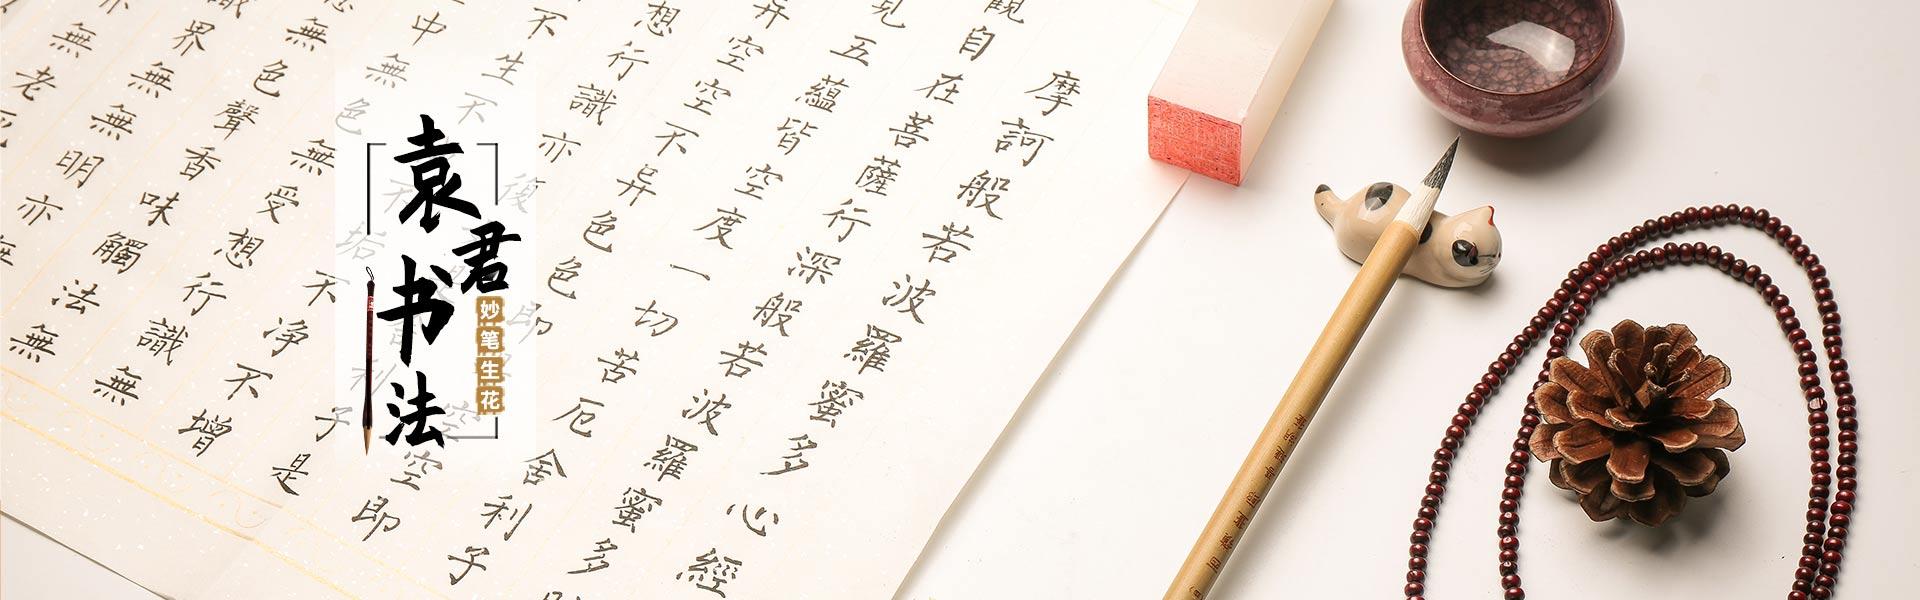 甘肃书法培训